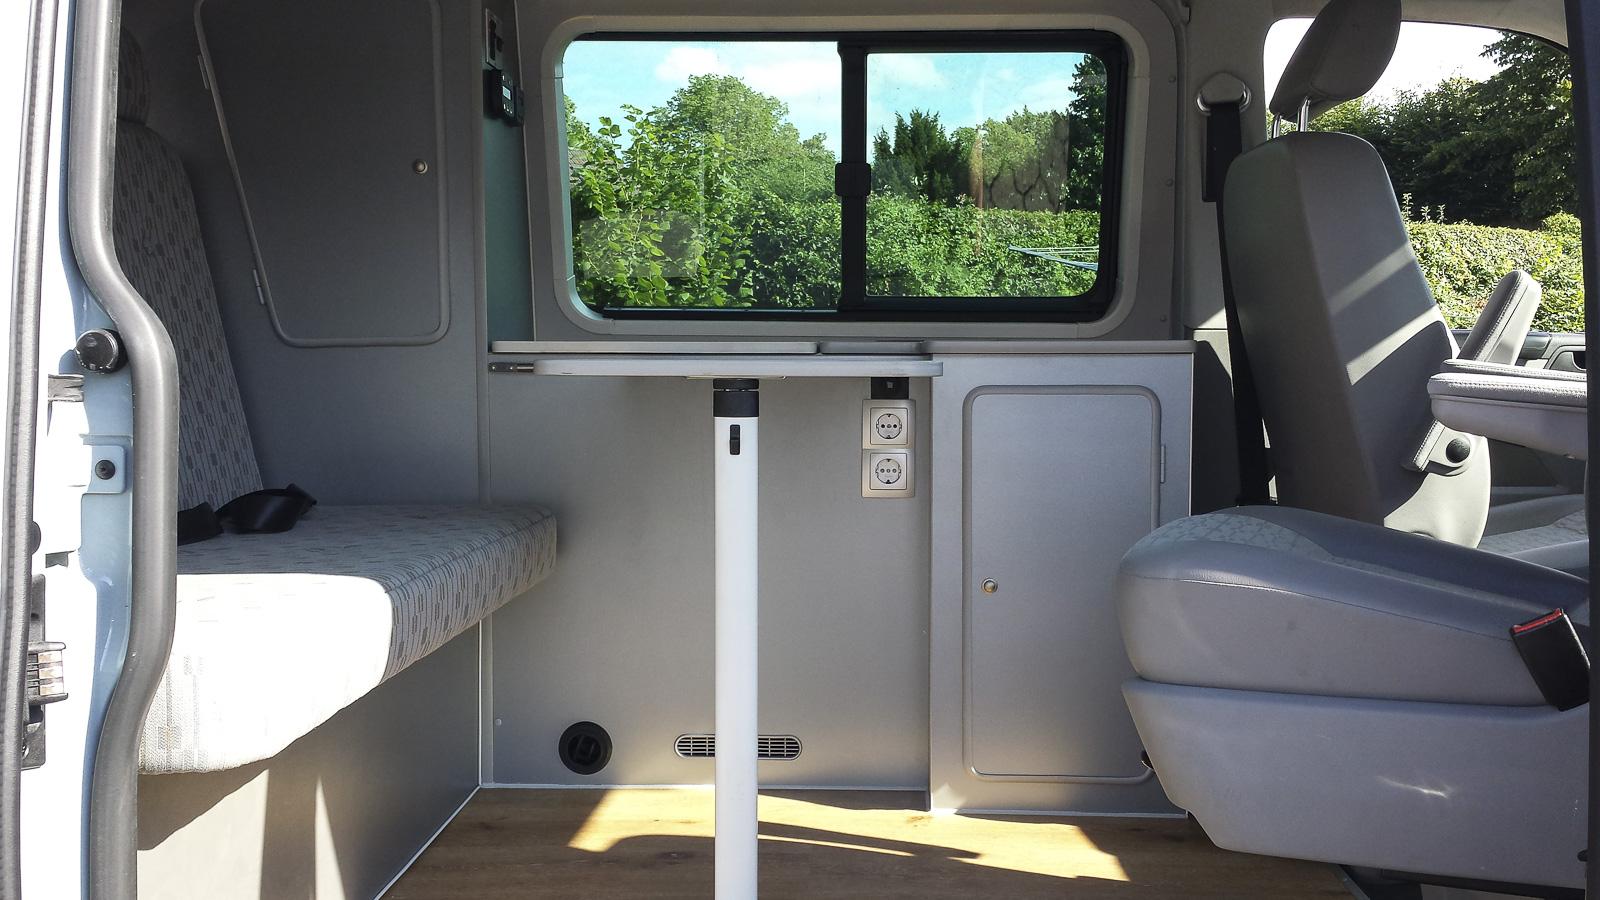 vw t5 basic mit aufstelldach superflach bs camperwerk. Black Bedroom Furniture Sets. Home Design Ideas